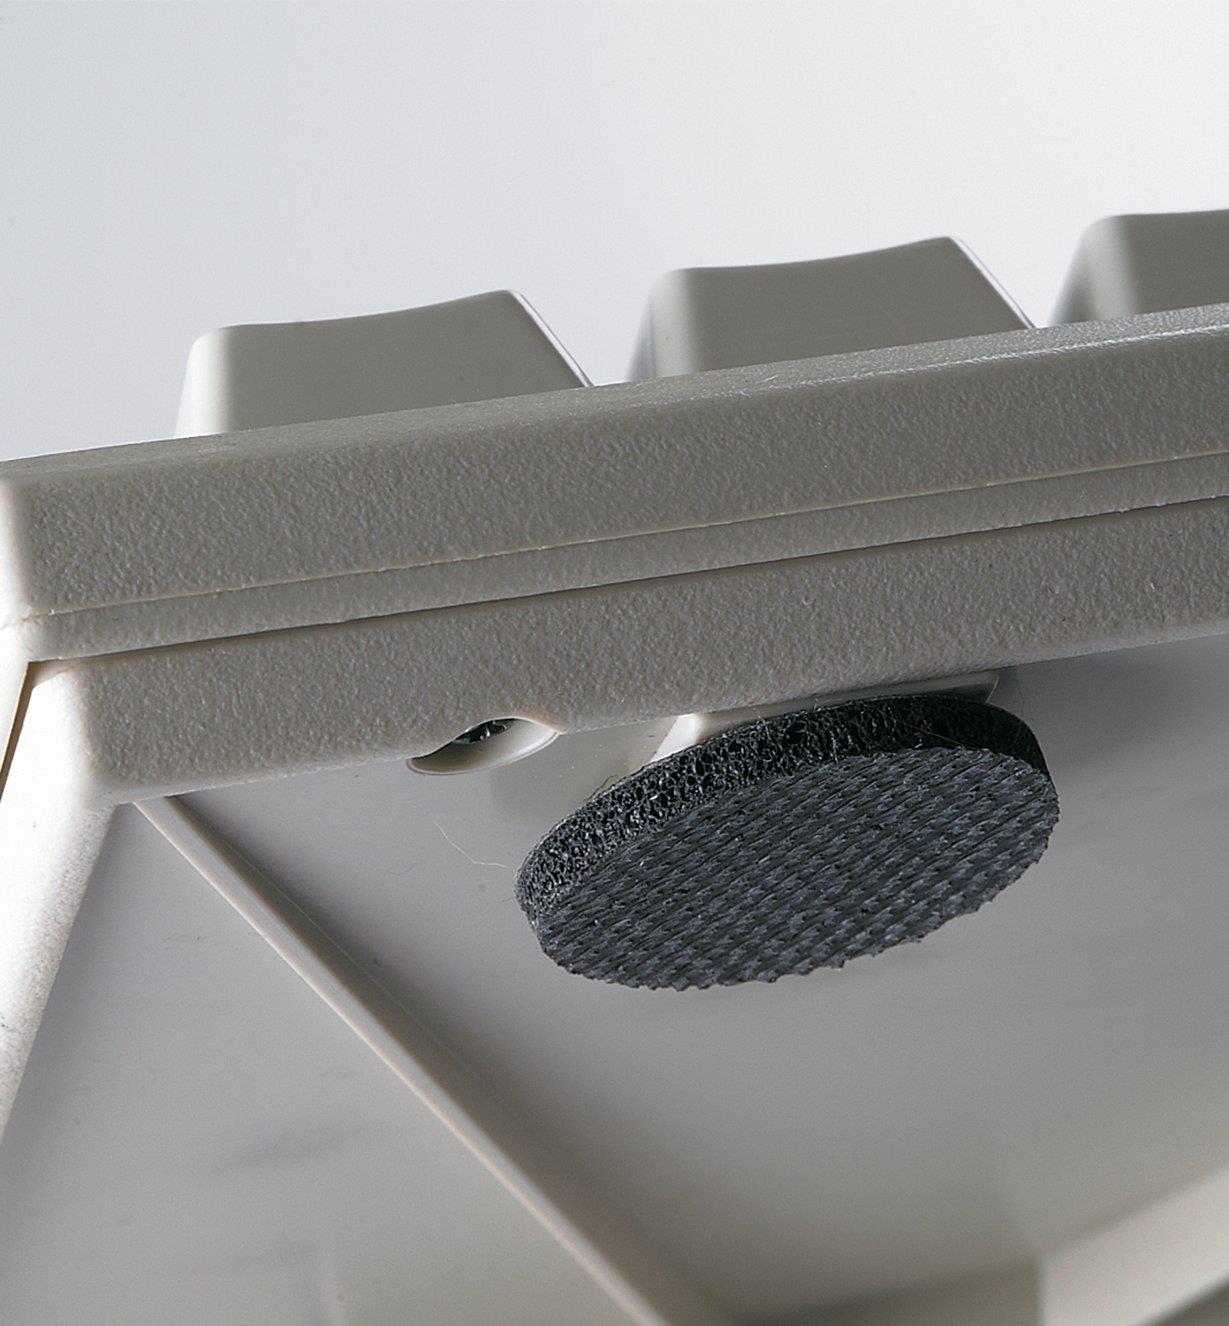 88K5907 - Disques antidérapants de 1 po, le paquet de 25